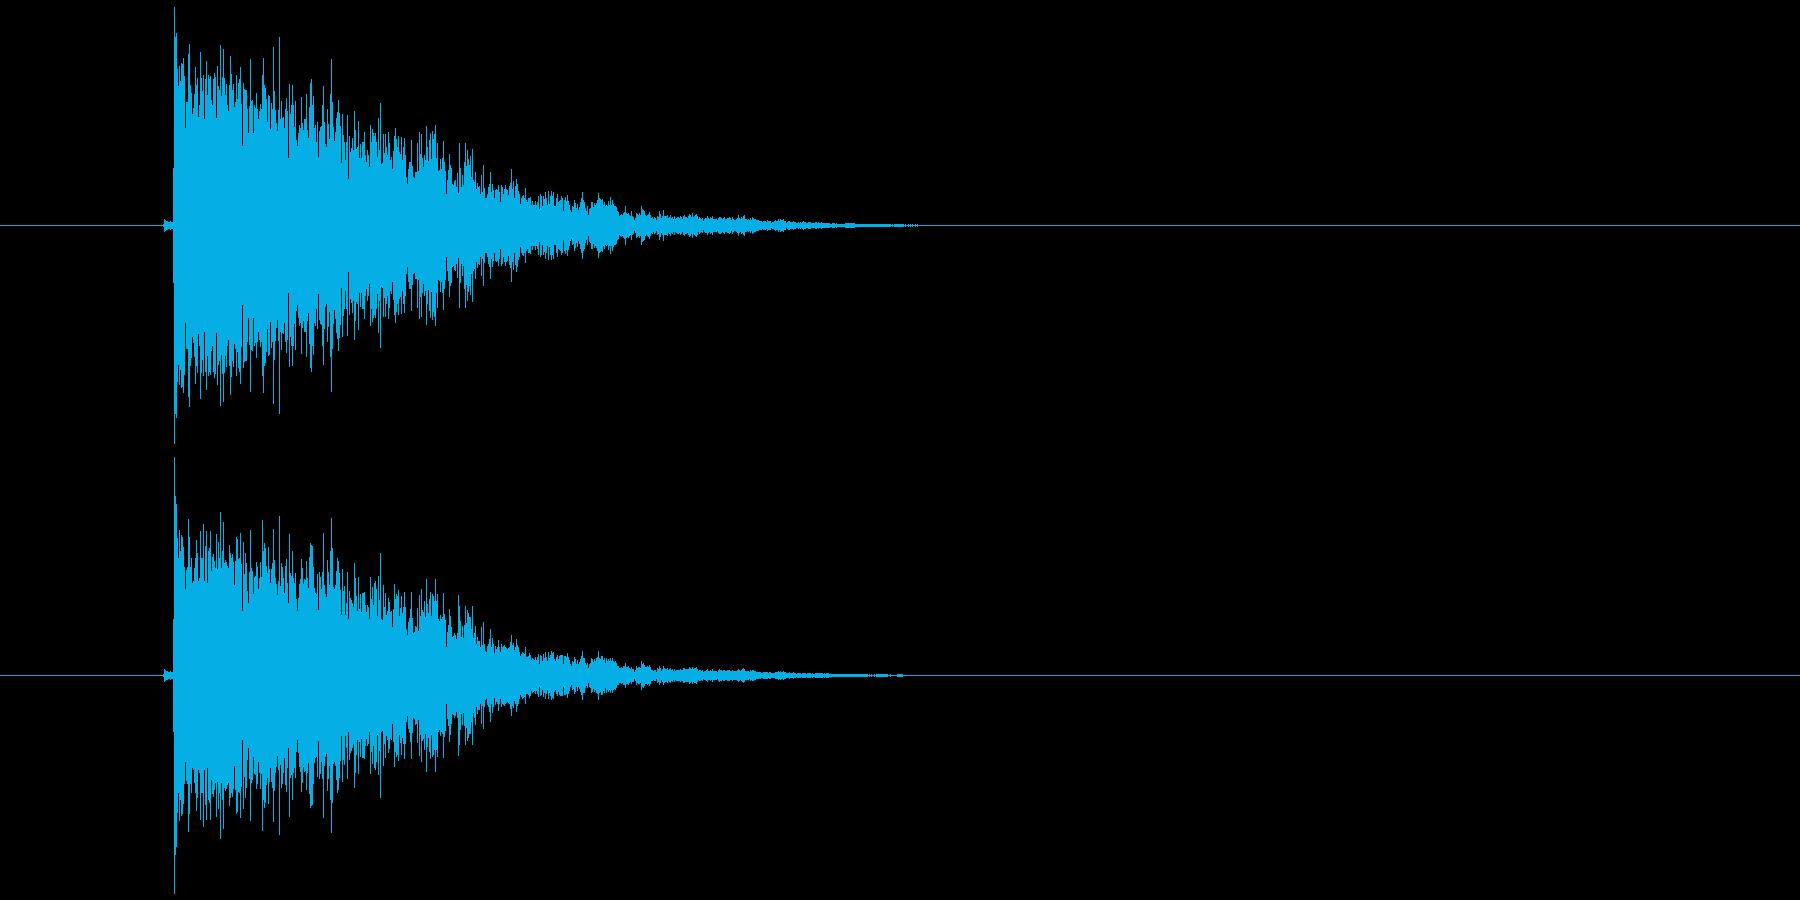 パリーンとガラスが割れて飛び散るような音の再生済みの波形